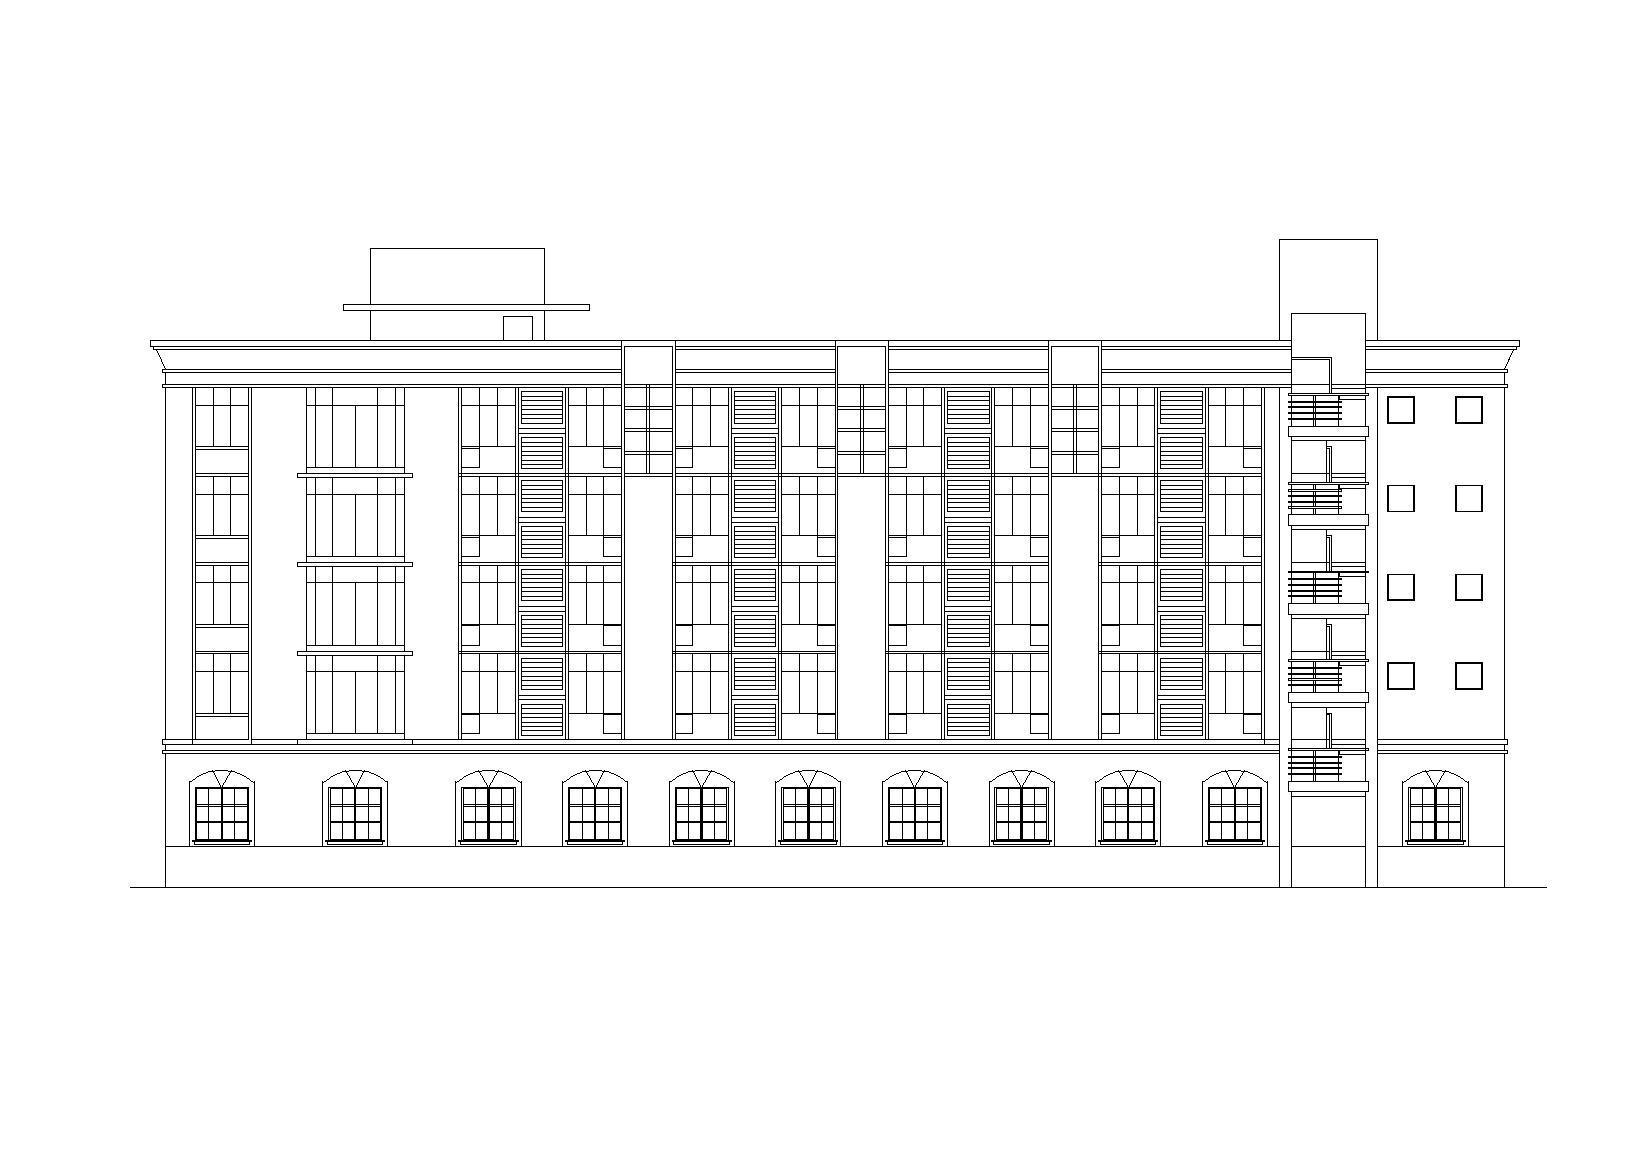 北方五層宿舍樓建筑施工圖(底層食堂)